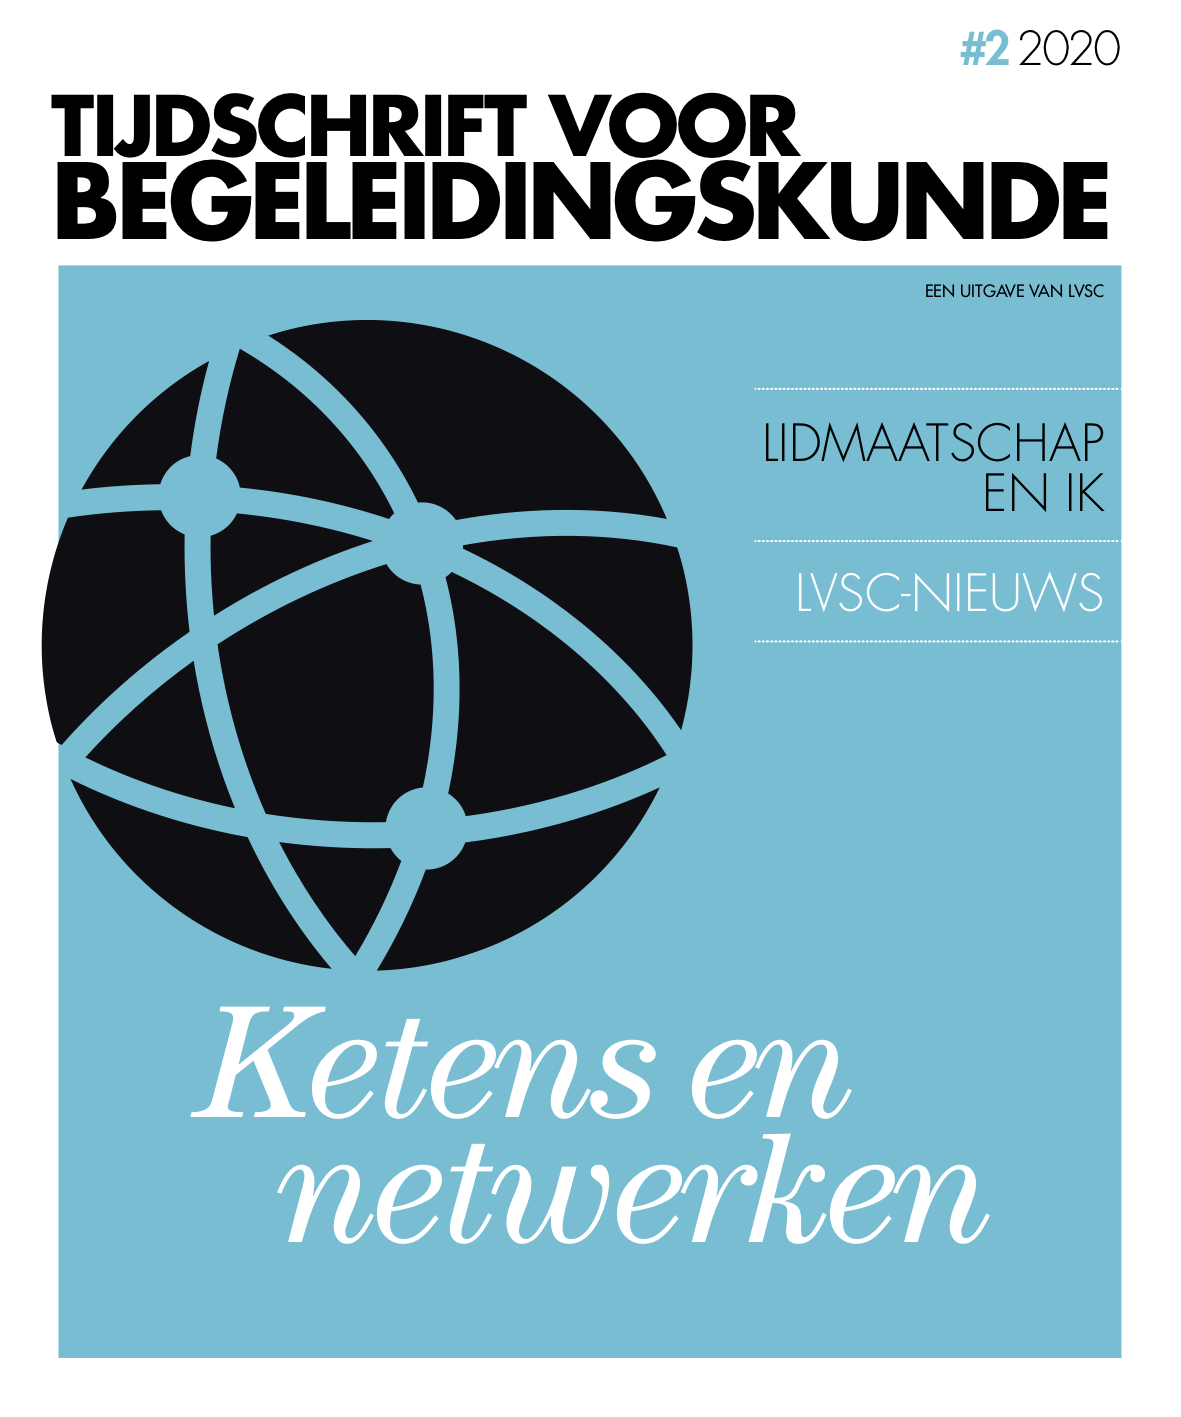 Tijdschrift voor Begeleidingskunde - LVSC